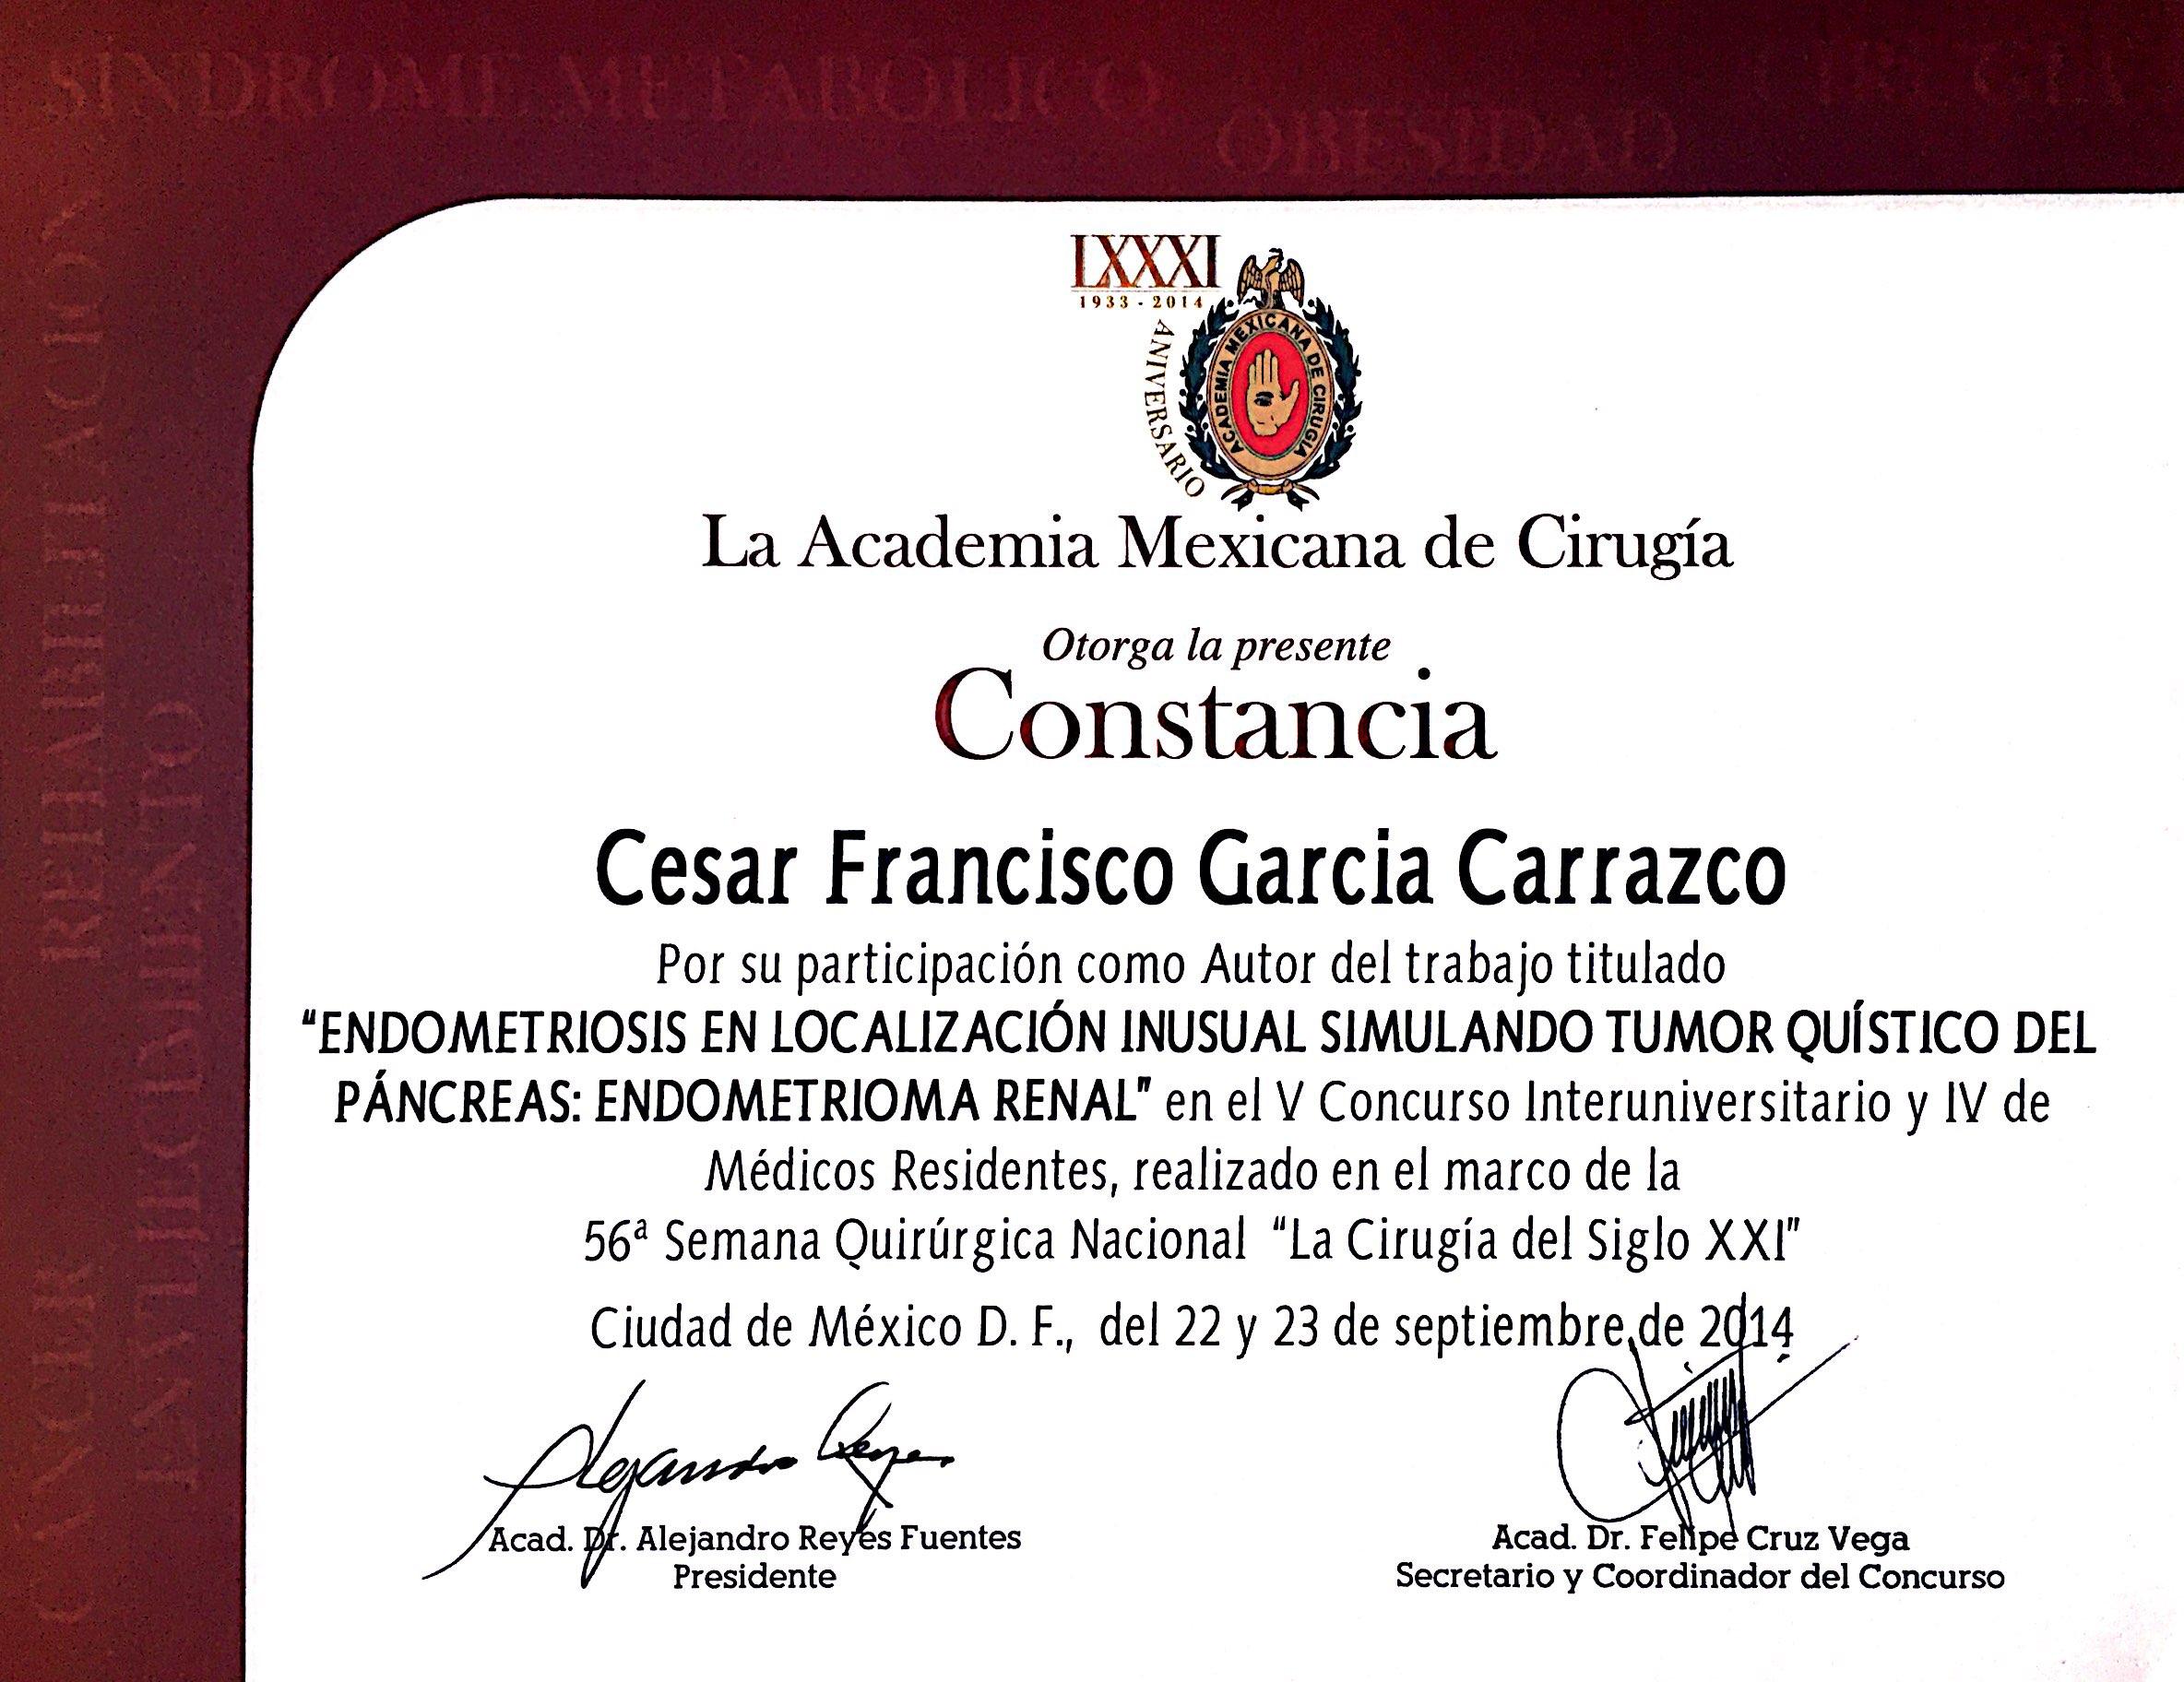 Dr. Garcia Carrazco_81